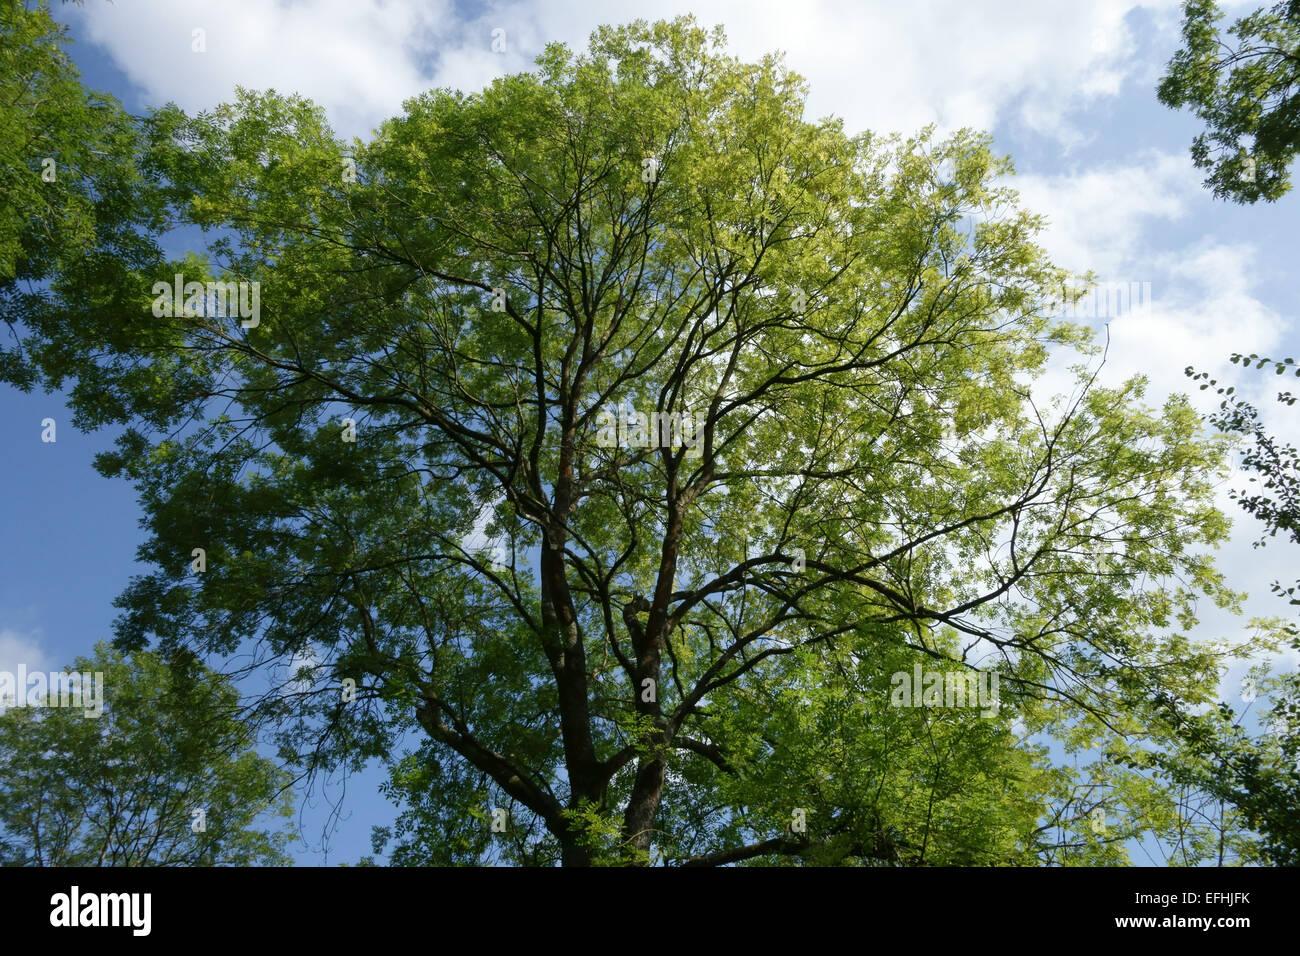 Un frêne mature, Fraxinus excelsior, feuillu, Berkshire, Août Photo Stock